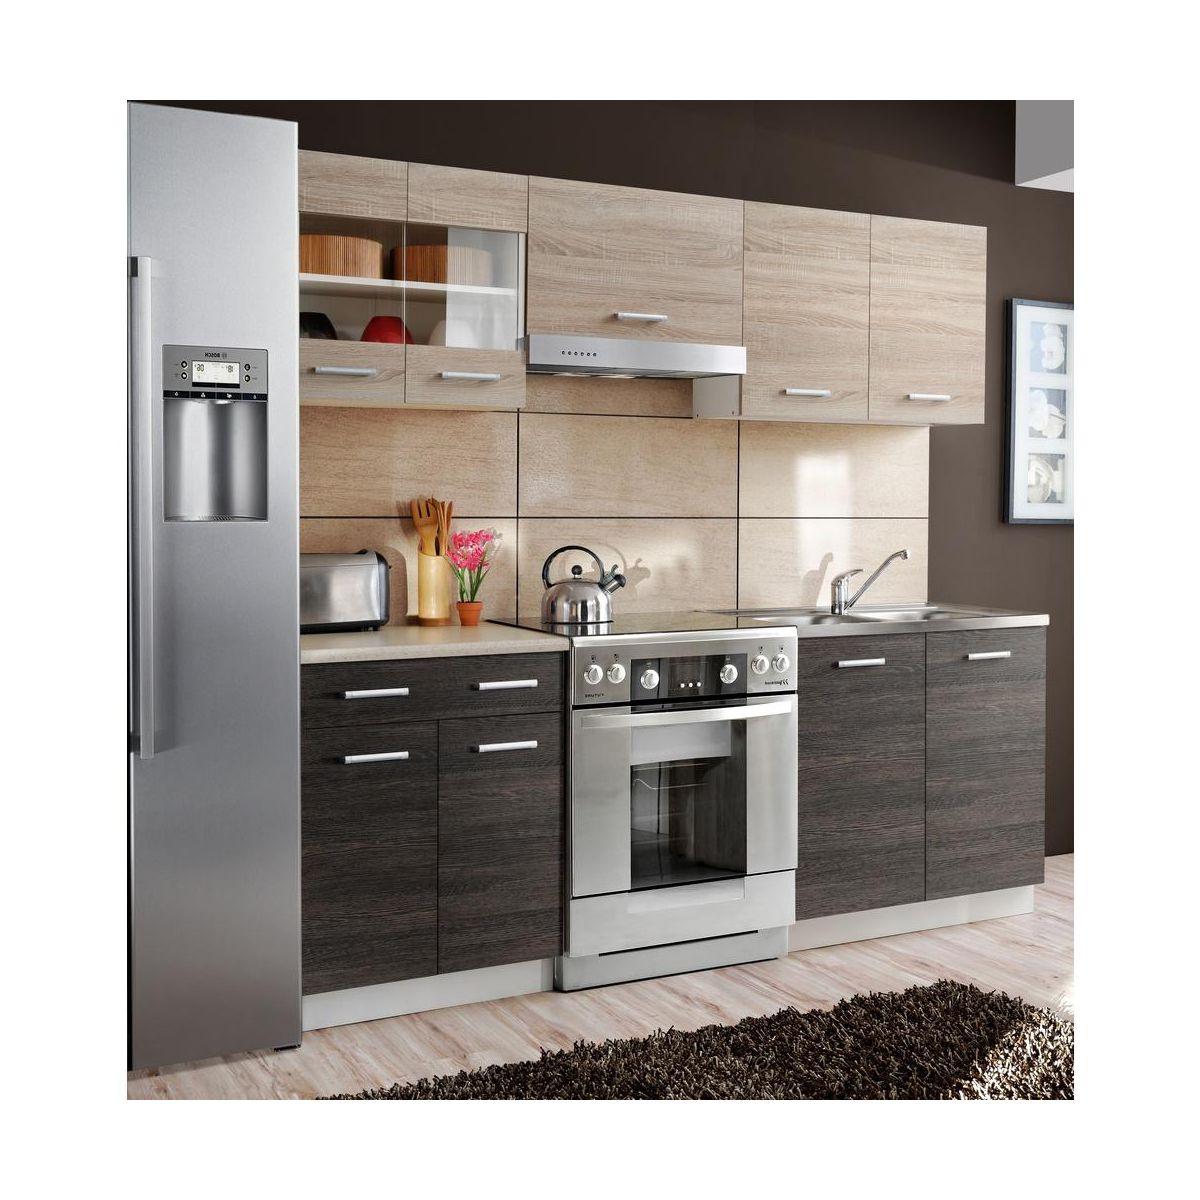 Zestaw mebli kuchennych LARA MEBLE OKMED  sprawdź opinie   -> Castorama Kuchnie Do Zabudowy